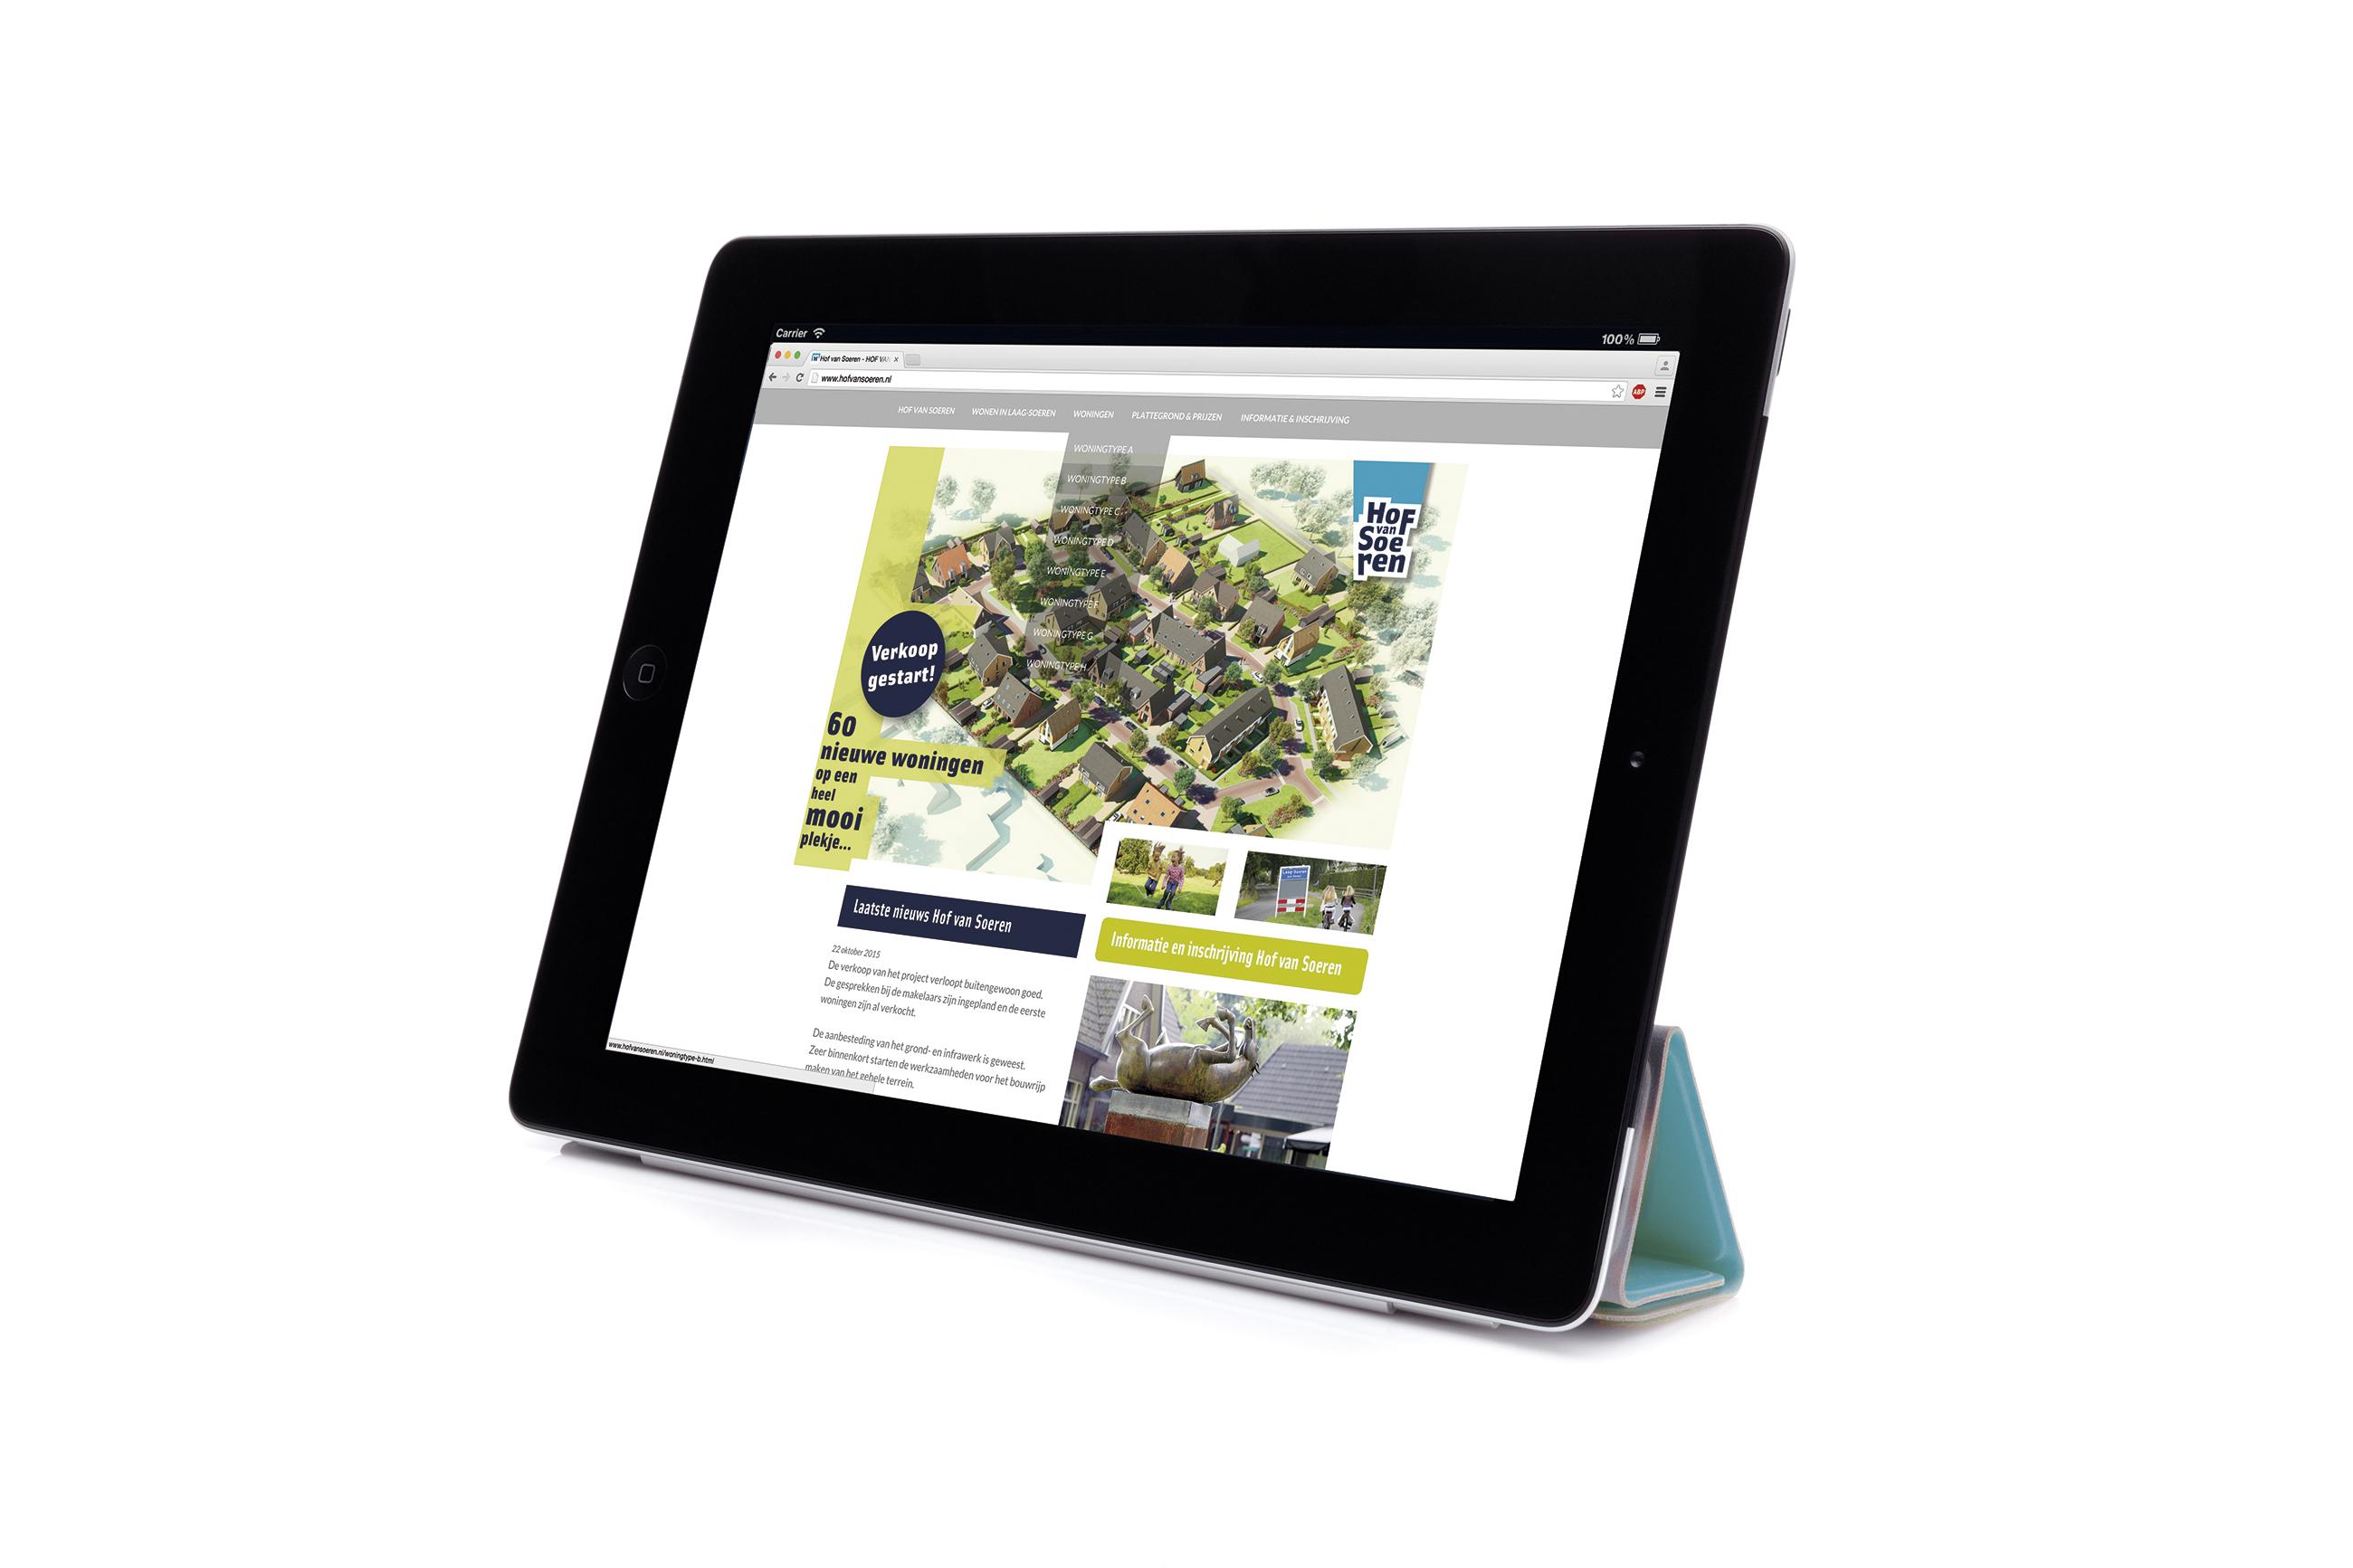 Hof van Soeren, website, Reinbouw, Laag-Soeren, nieuwbouw. Ontwerp en sitebouw Neo & Co